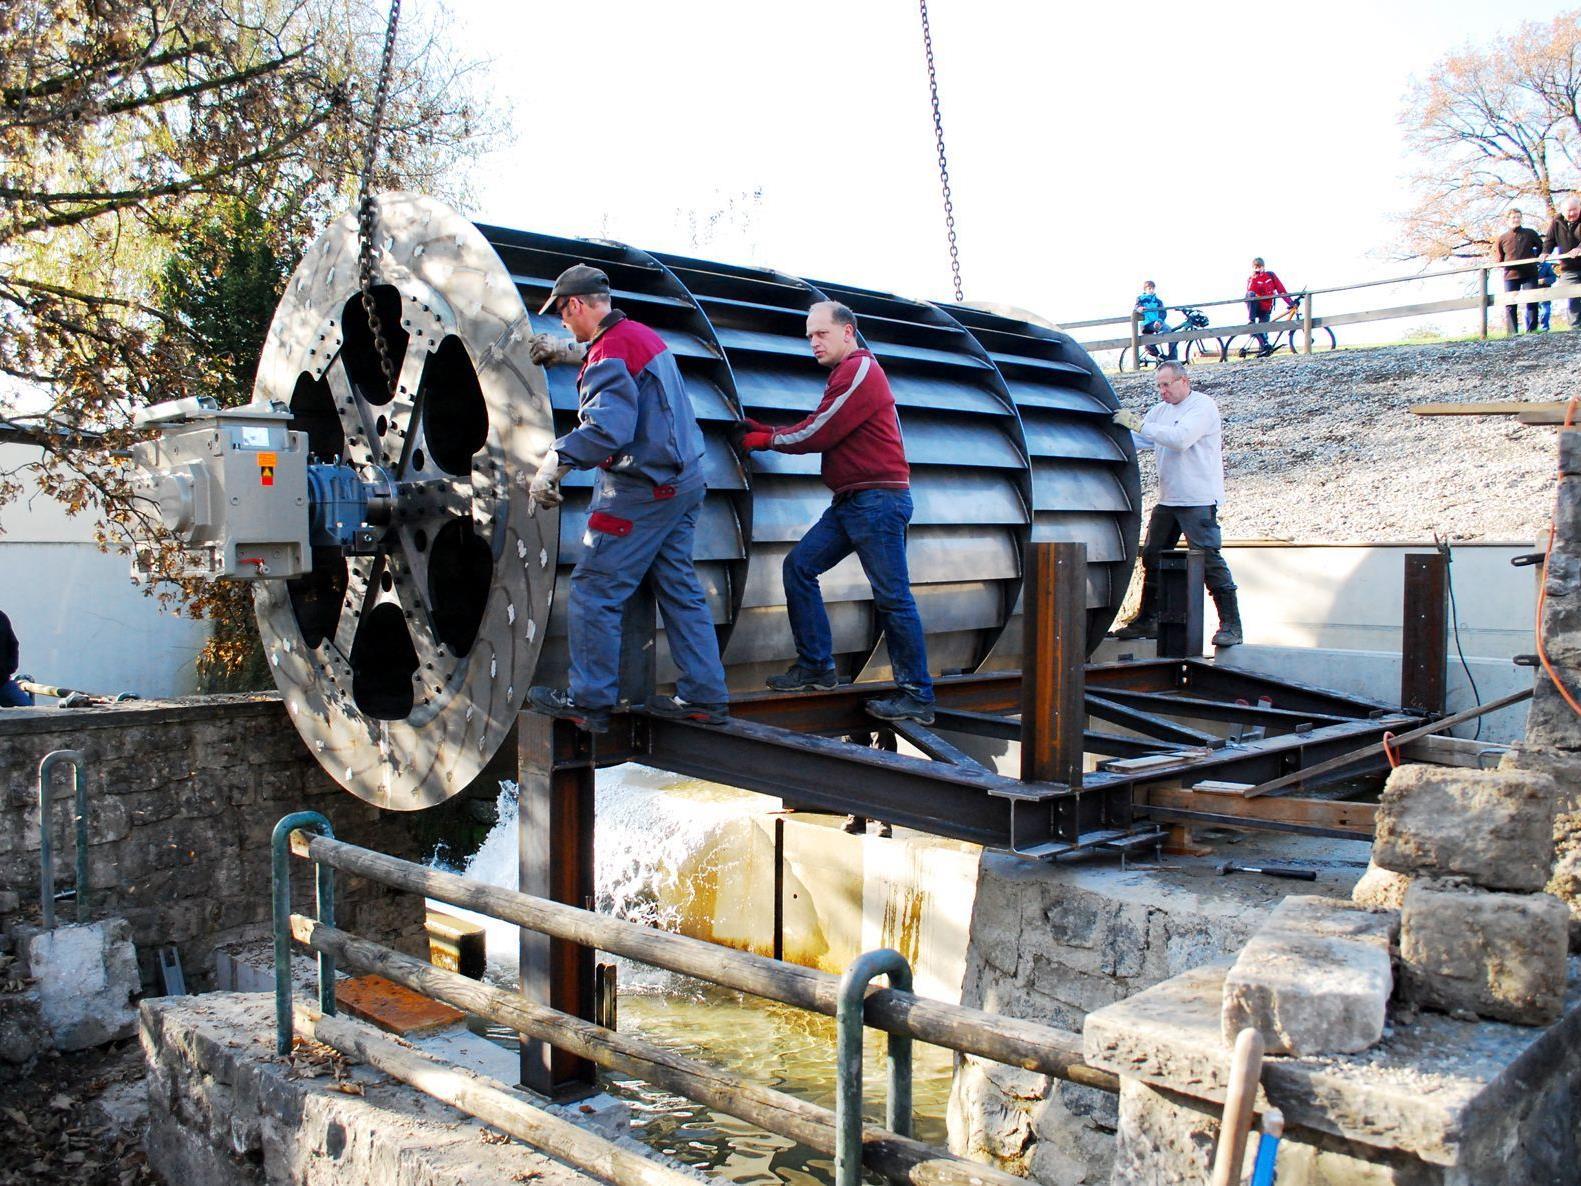 Mittels Hebekran wurde das 8 Tonnen schwere Wasserrad Zentimetergenau platziert.